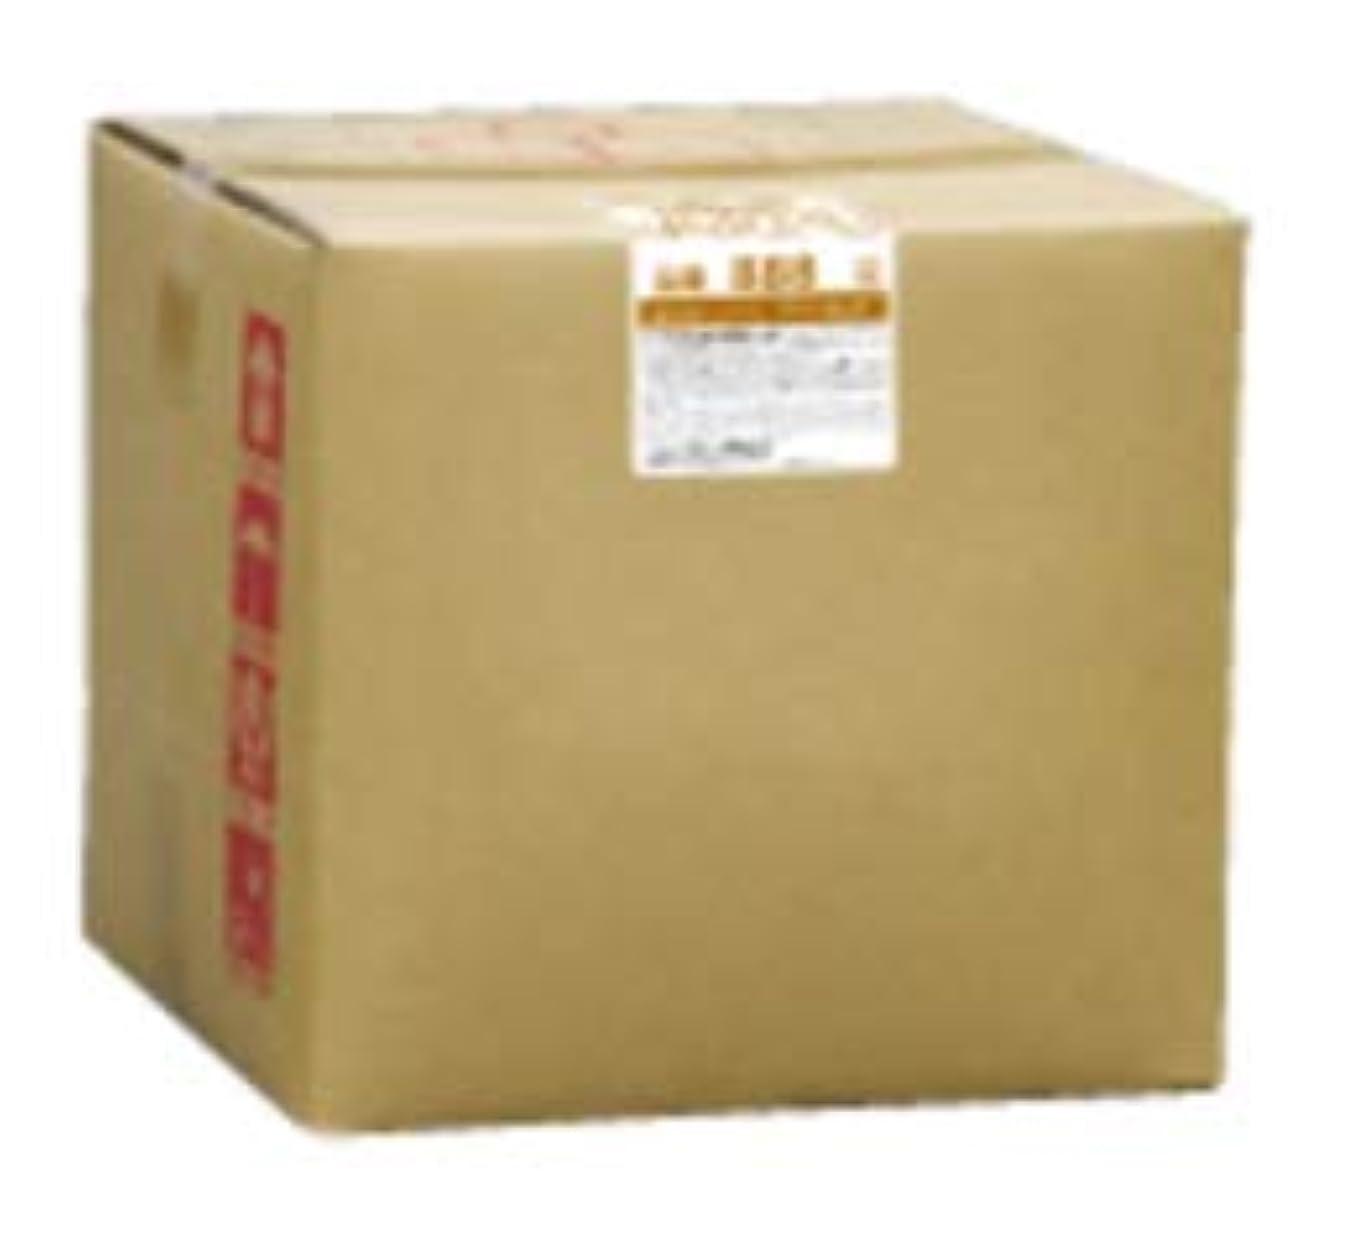 むさぼり食う資源主人フタバ化学 スパジアス コンディショナー 18L 詰め替え 800ml専用空容器付 黒糖と蜂蜜